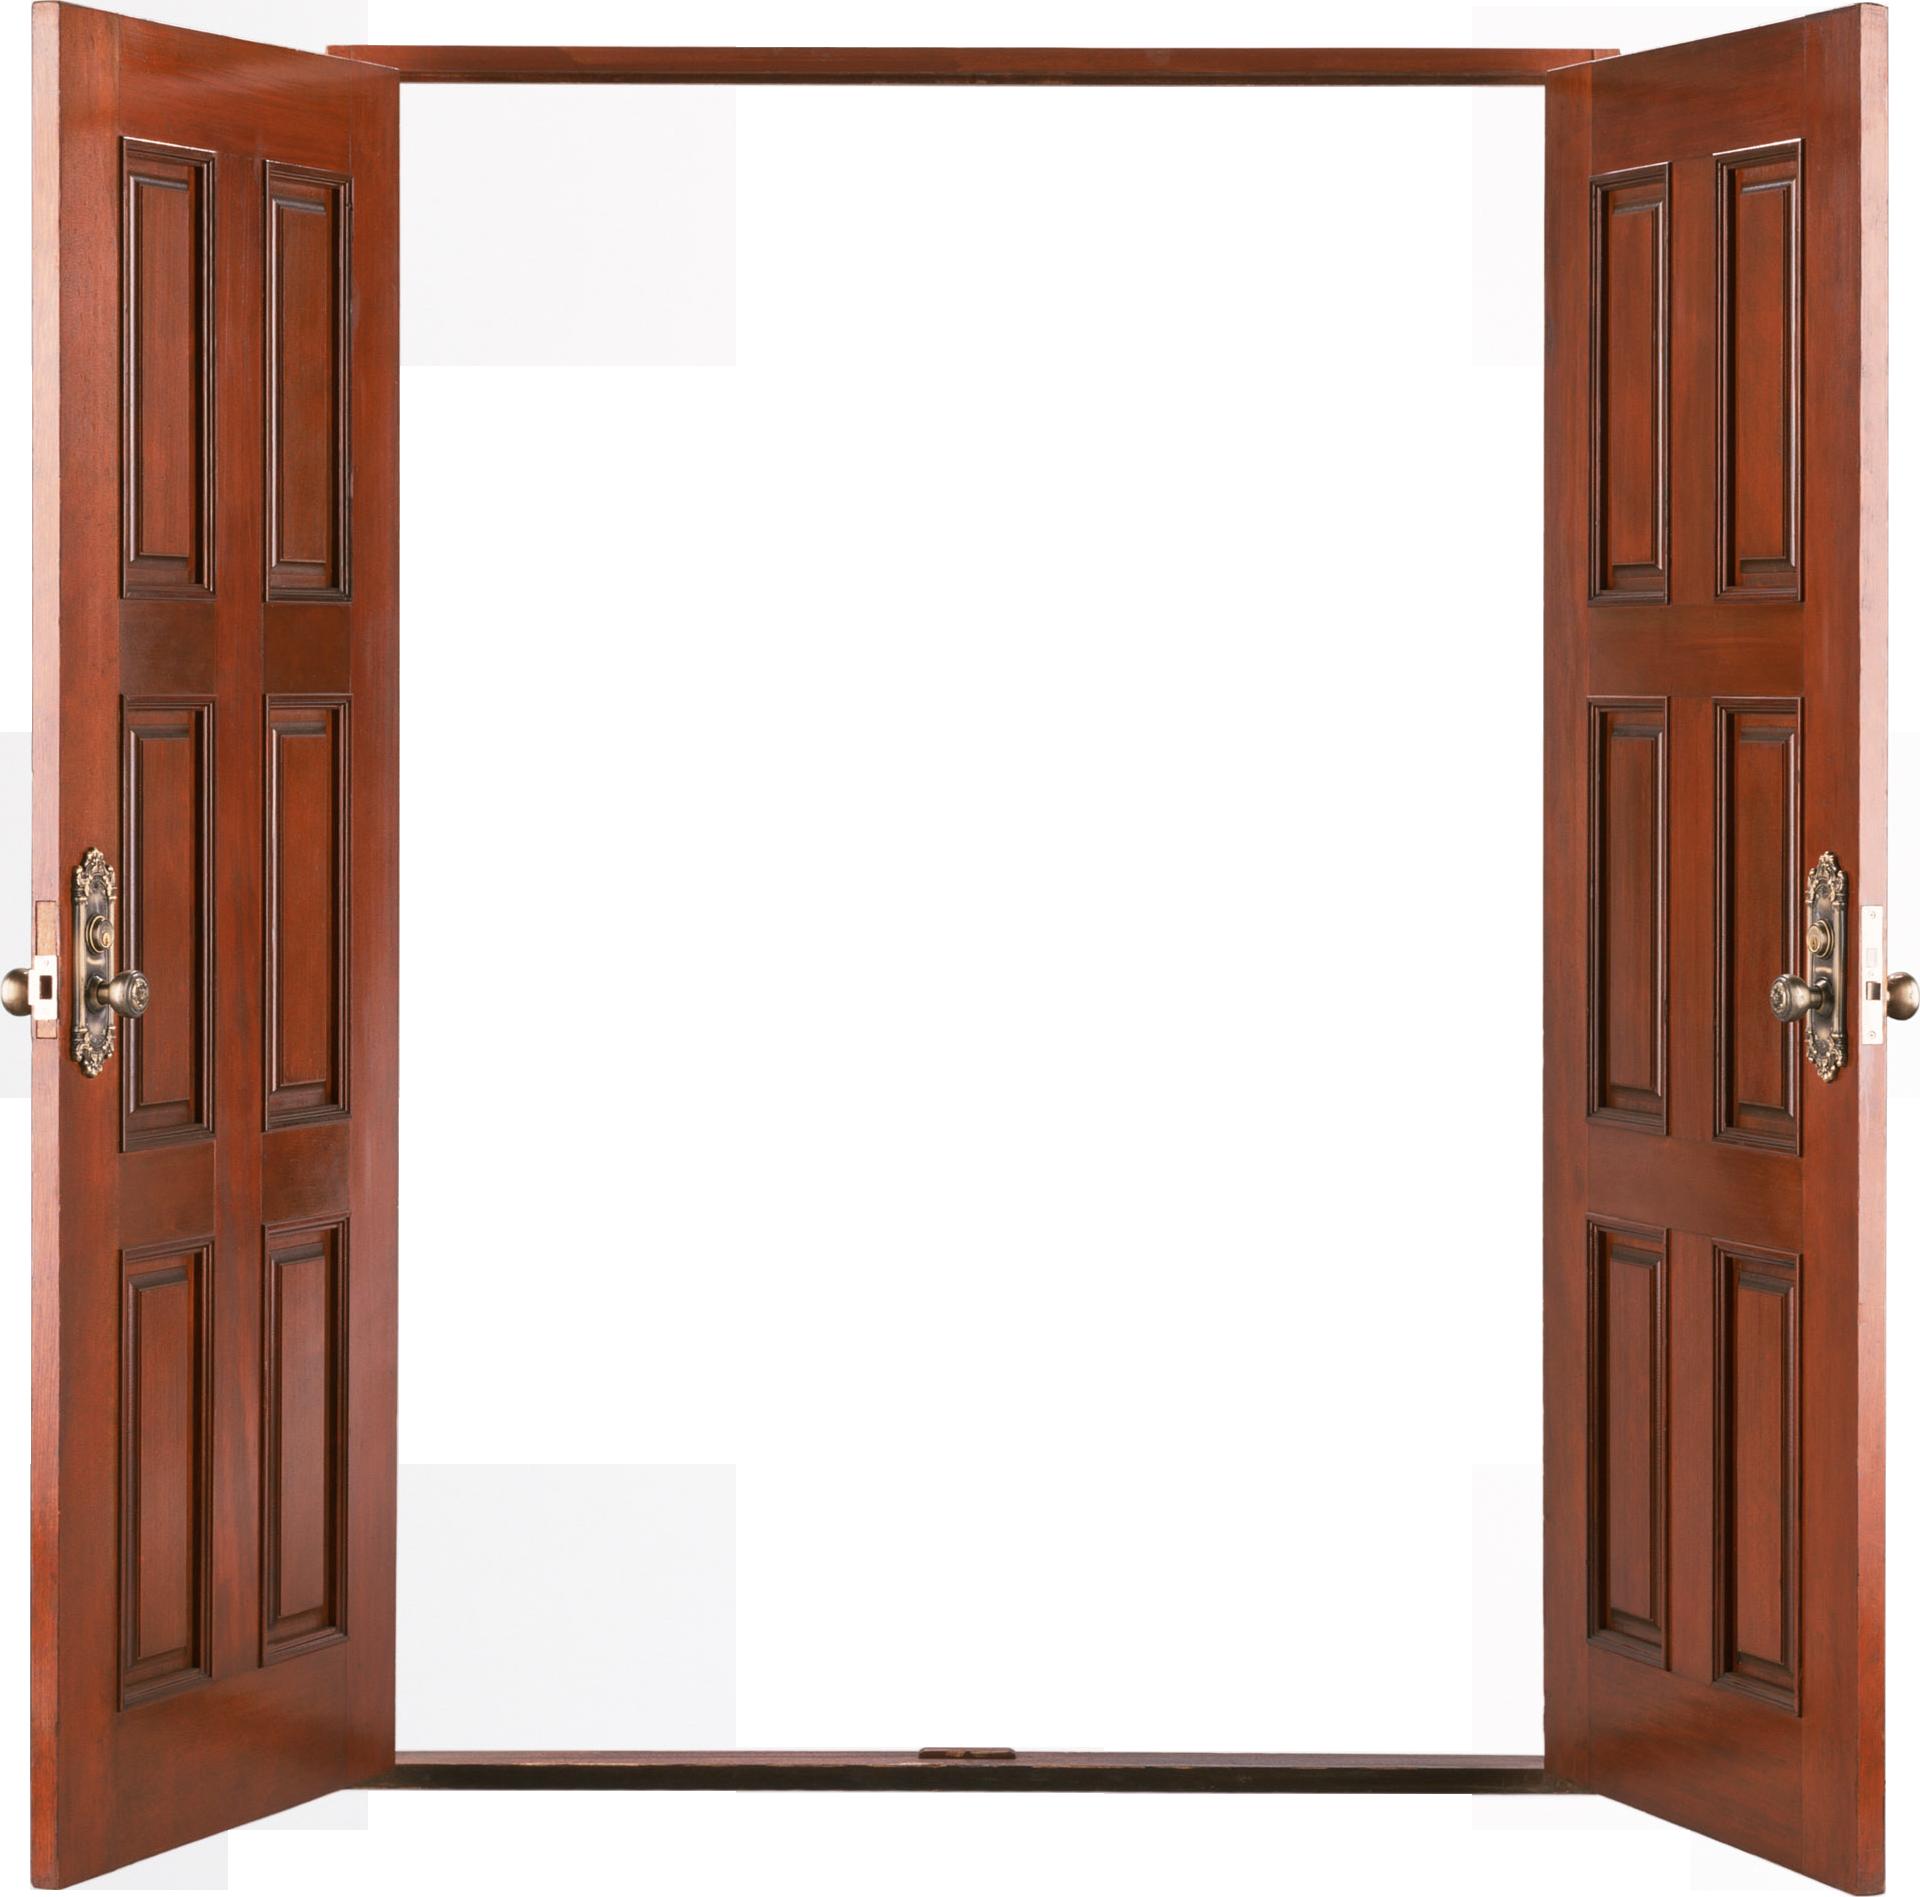 Open Door Png Ideias Para Videos Do Youtube Ideias Videos Do Youtube